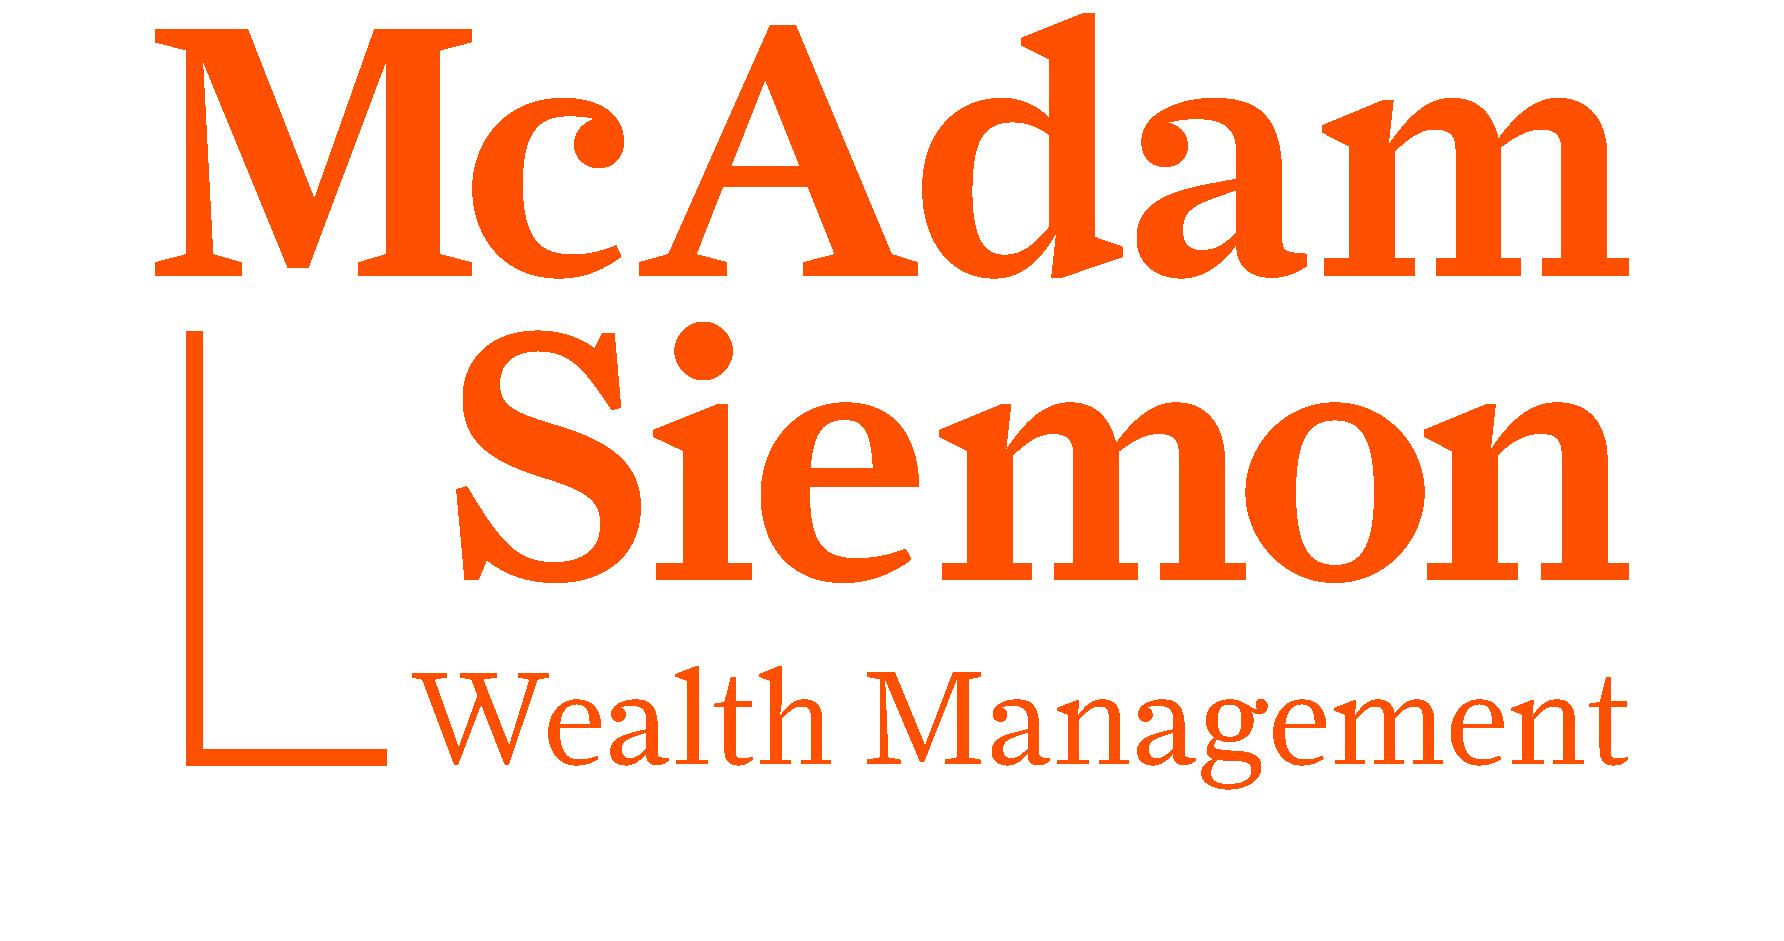 mcadam siemon wealth management logo